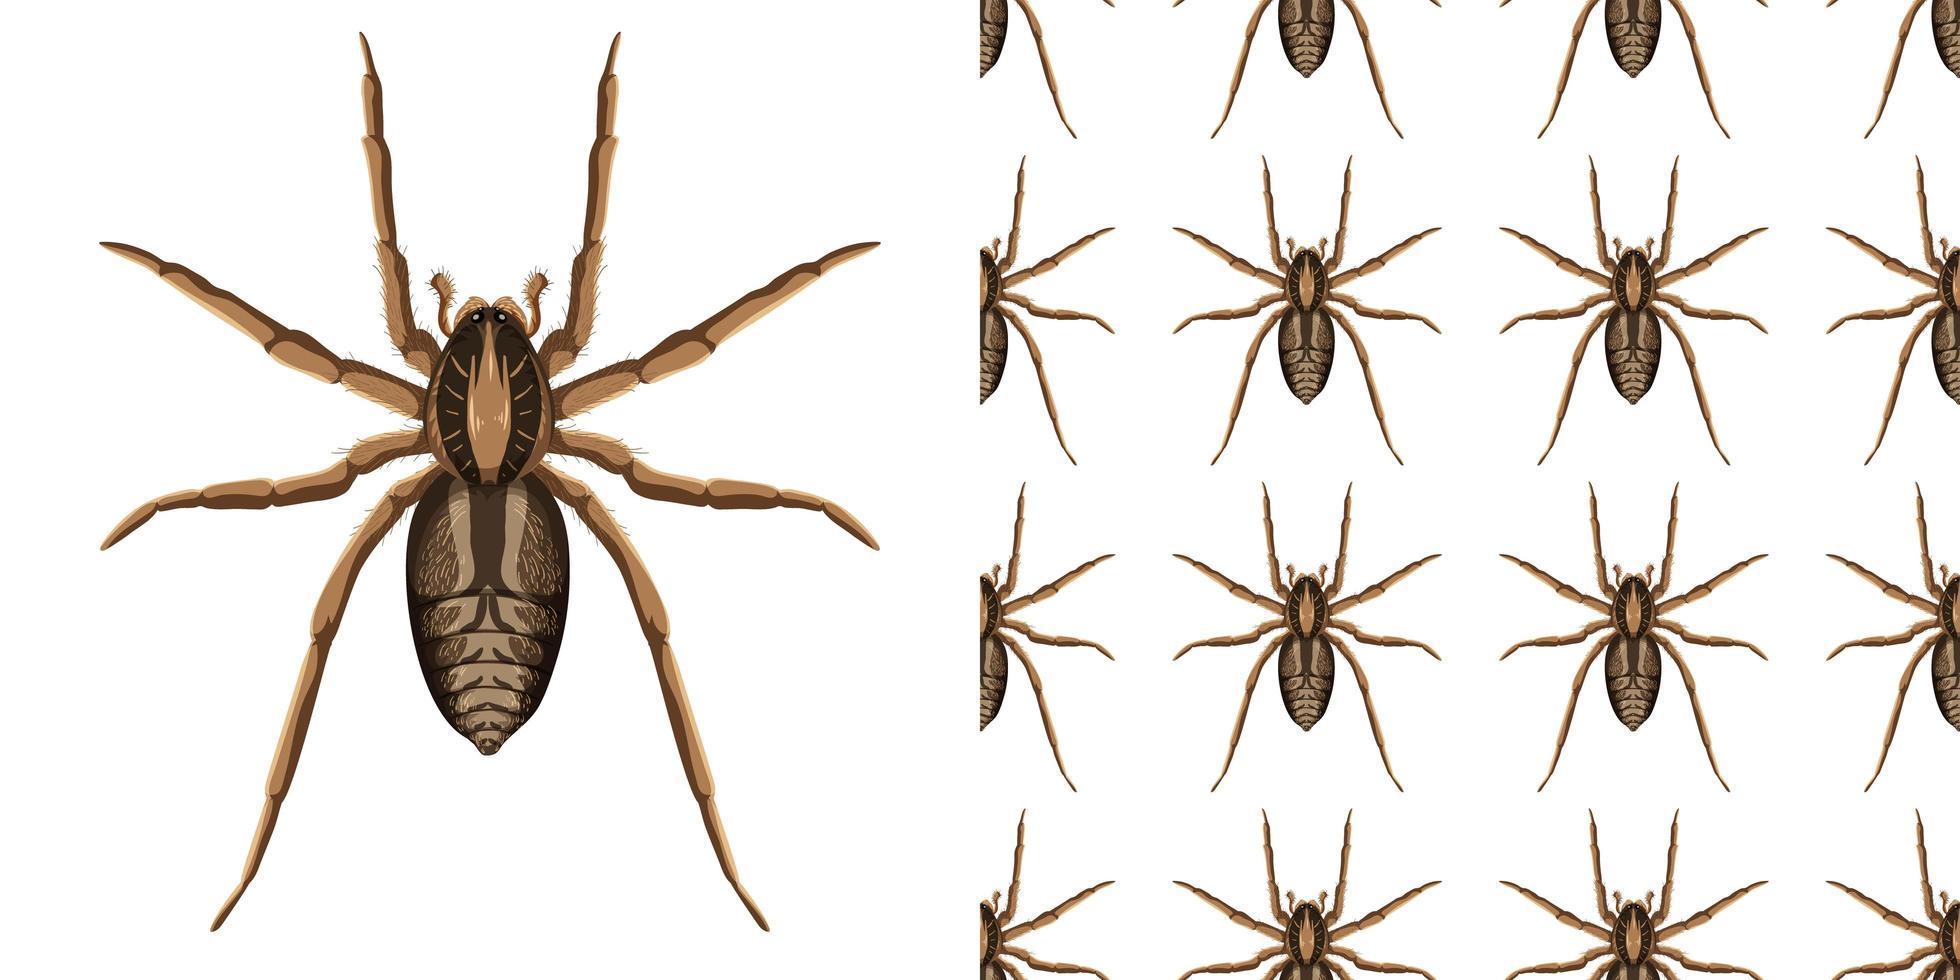 Spinneninsekt lokalisiert auf weißem Hintergrund und nahtlos vektor